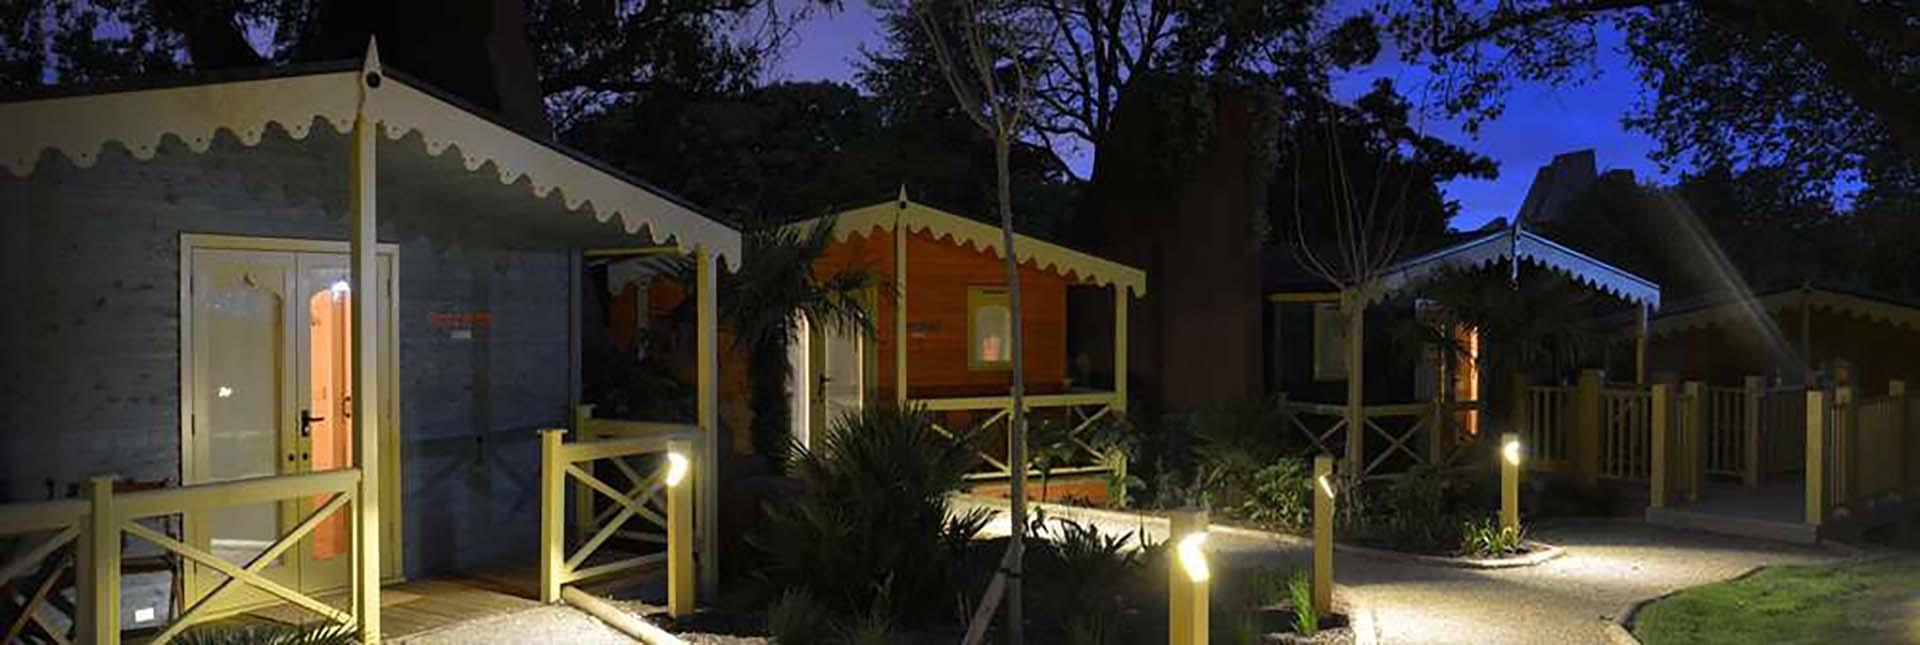 En Londres, El ZSL London Zoo Lodges está situado en un entorno extraordinario dentro del zoo de la ciudad (Zoo Londres)